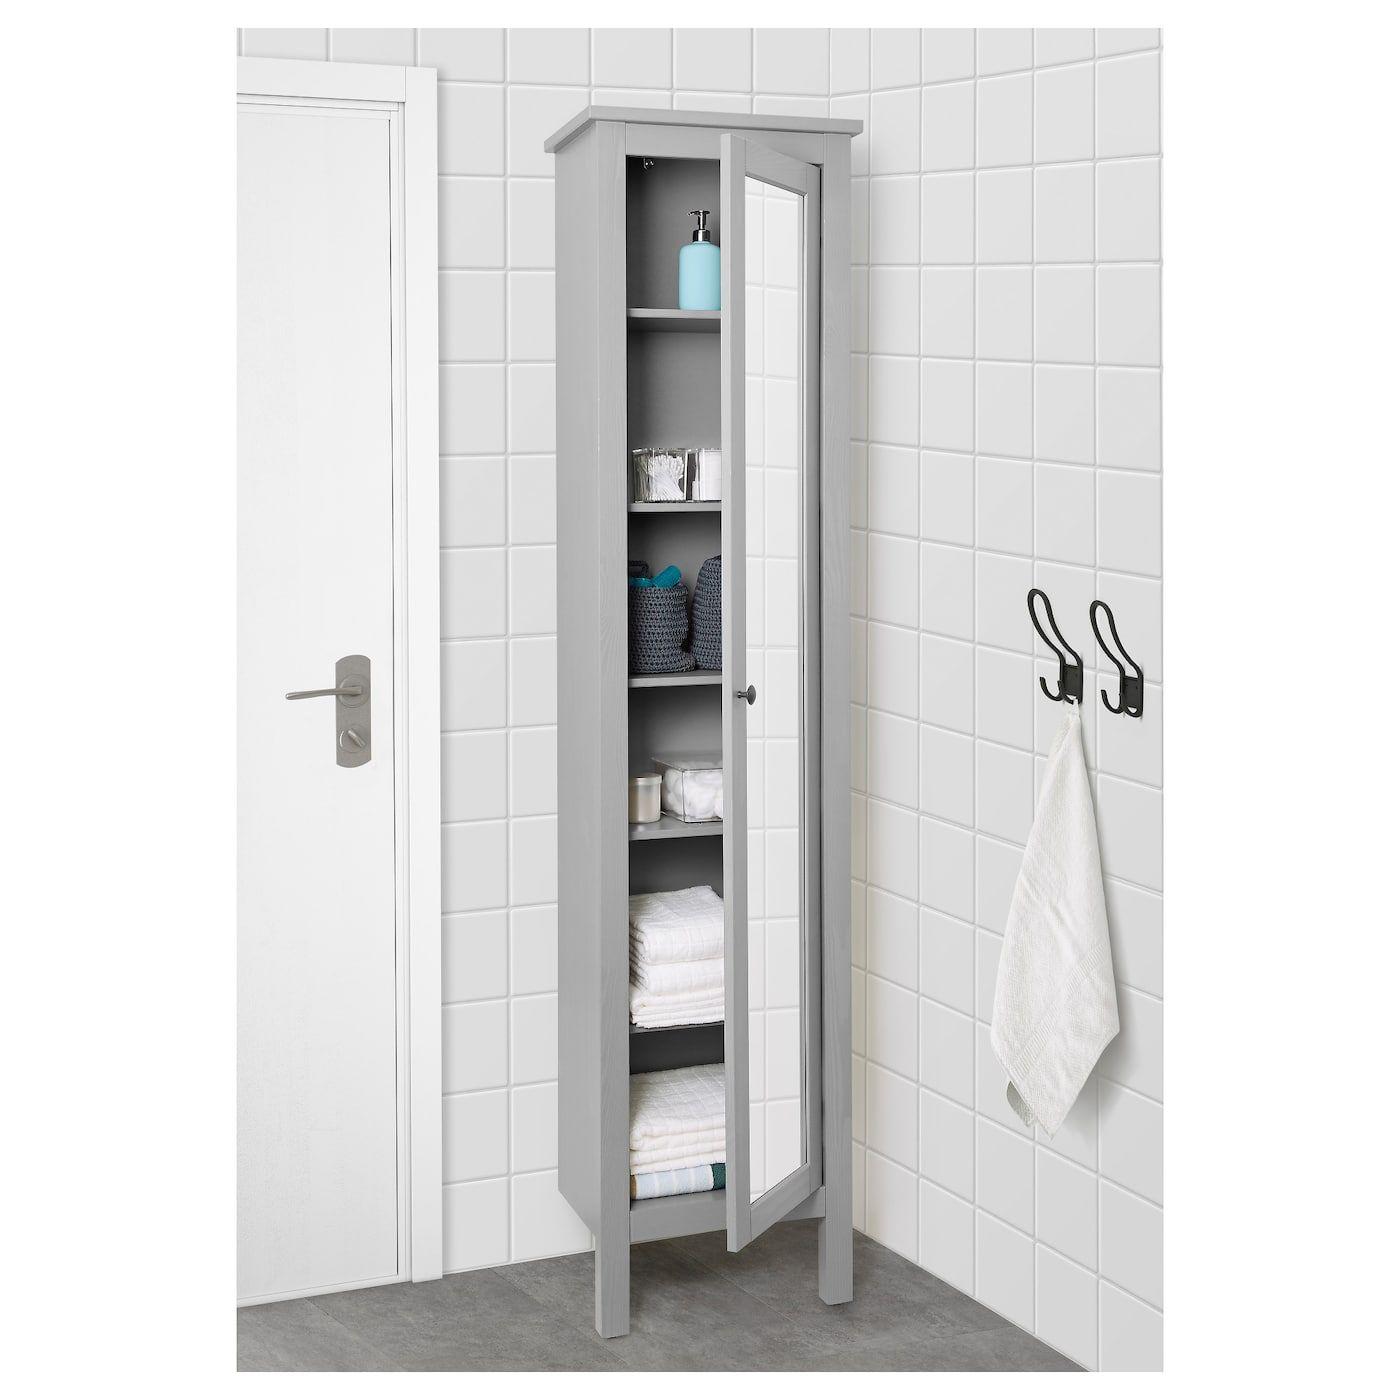 Hemnes Hochschrank Mit Spiegeltur Grau Ikea Deutschland Bathroom Decor Mirror Door Simple Bathroom Decor